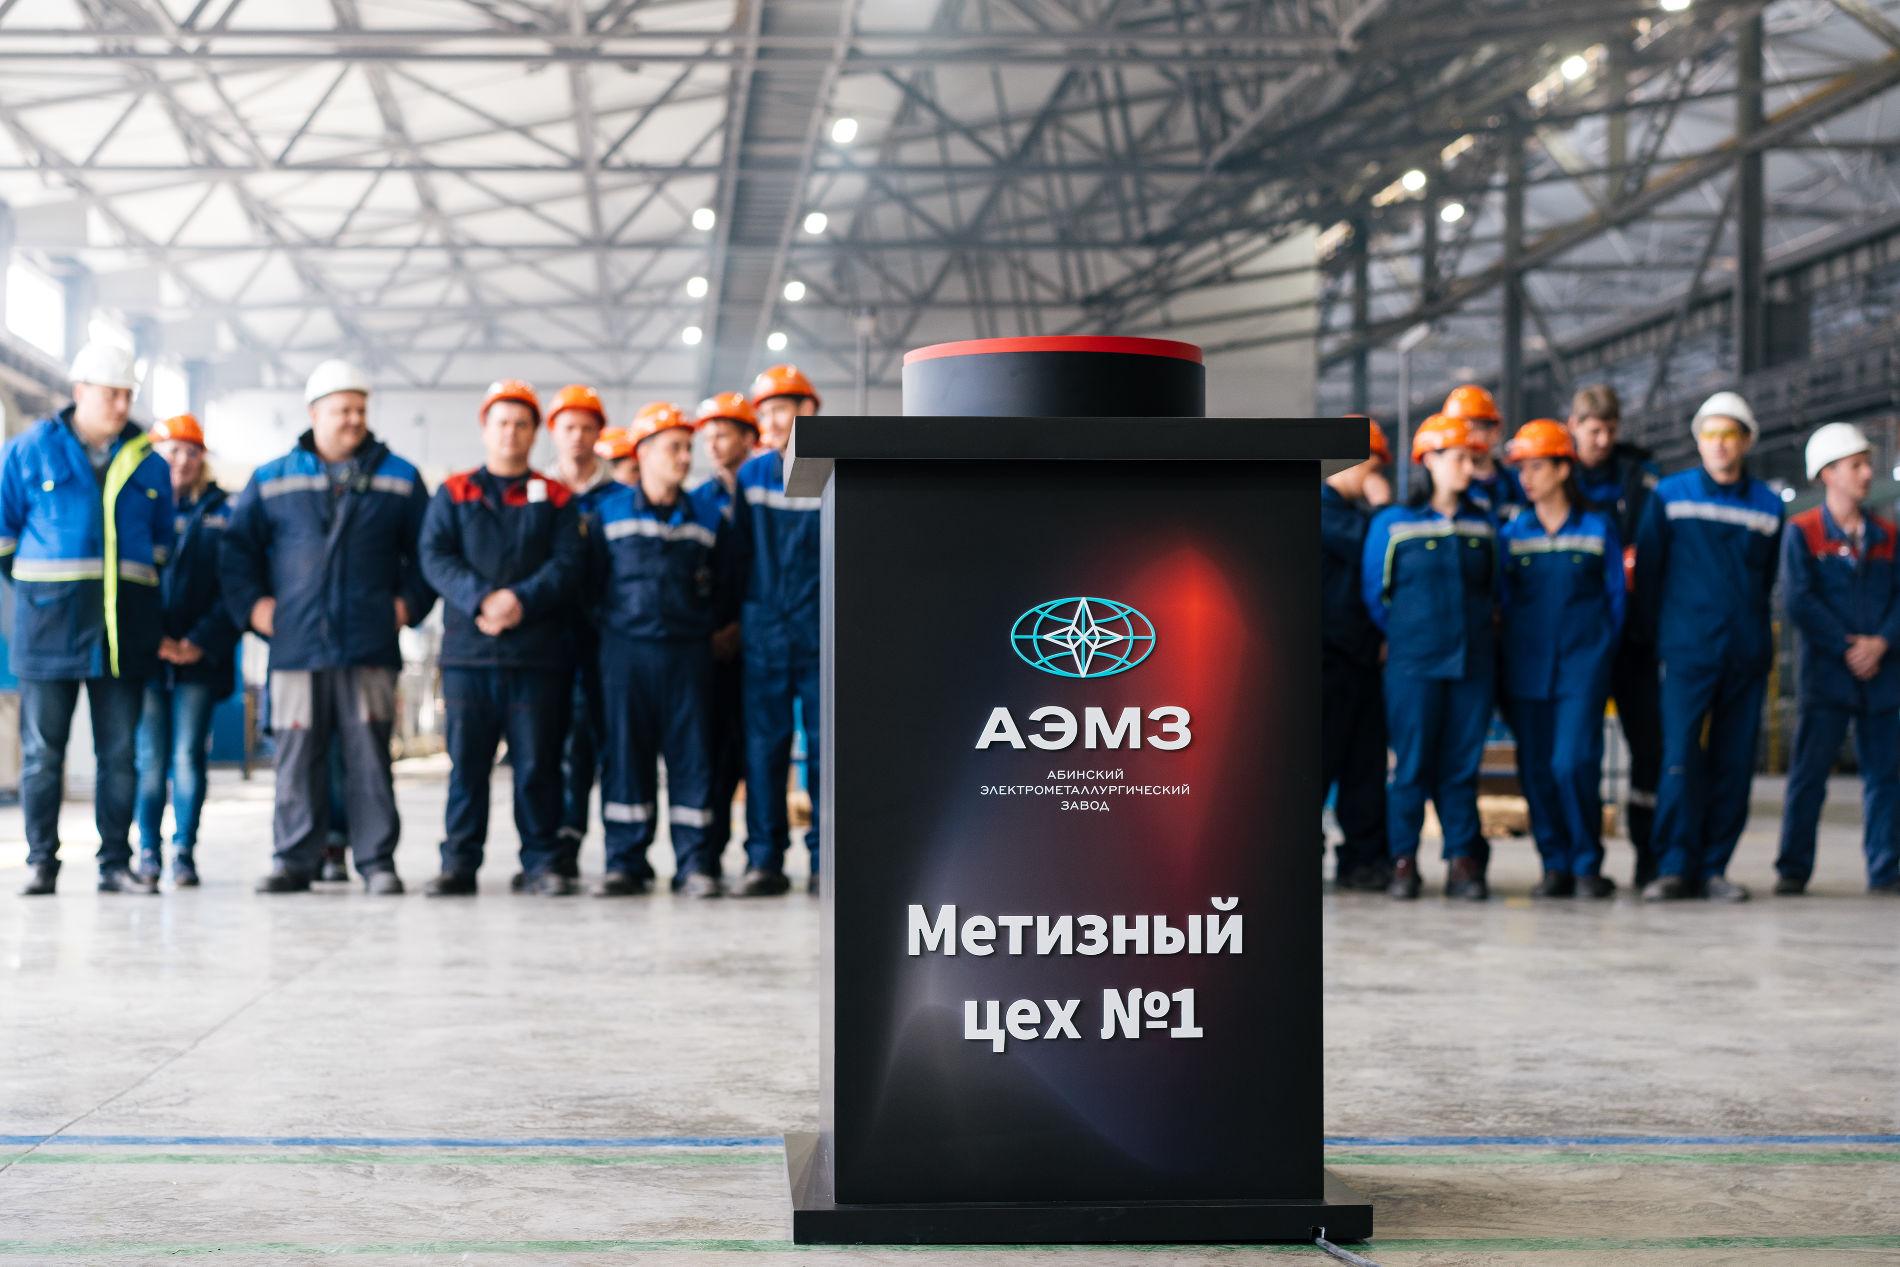 Запуск Метизного цеха № 1 ©Фото пресс-службы АЭМЗ